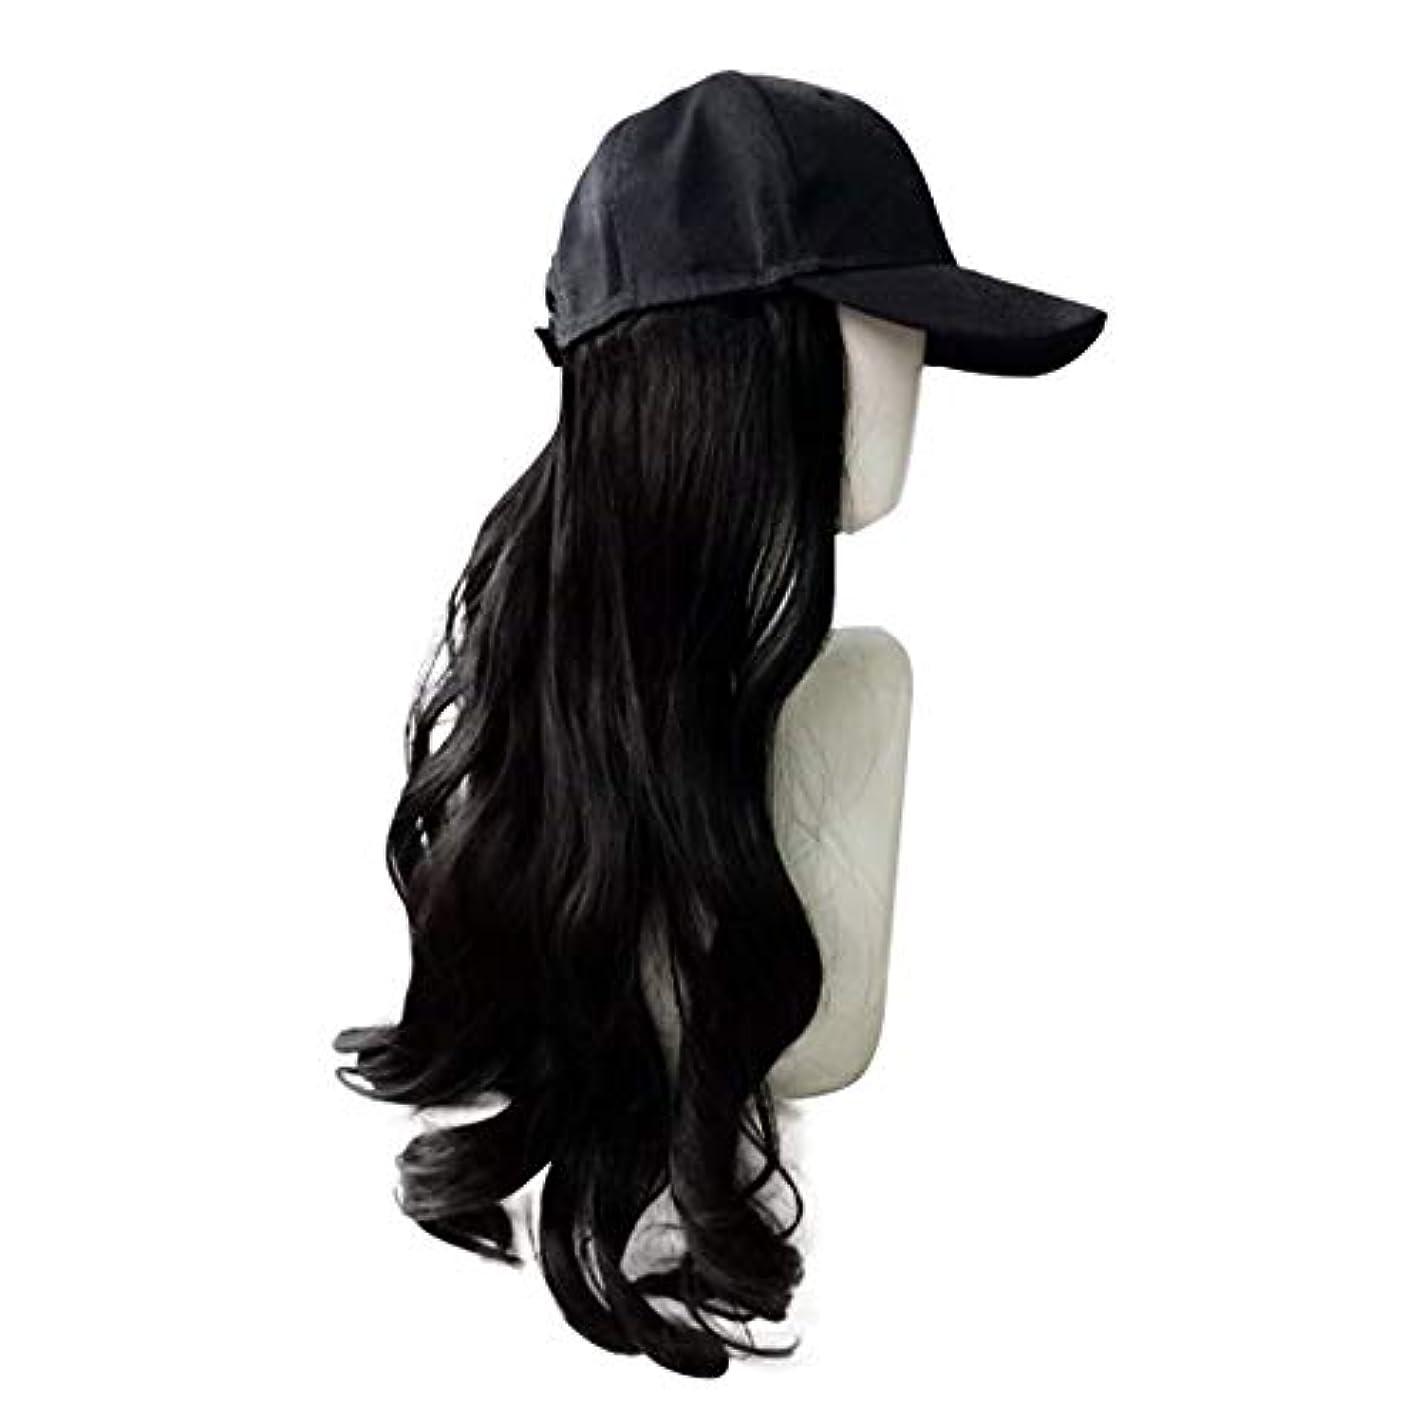 指令追い出すゼリー長い黒のかつら、帽子かつらシンプルなかつらファッションかつらキャップ自然なかつら女性の耐熱性のための長い波状の合成かつら